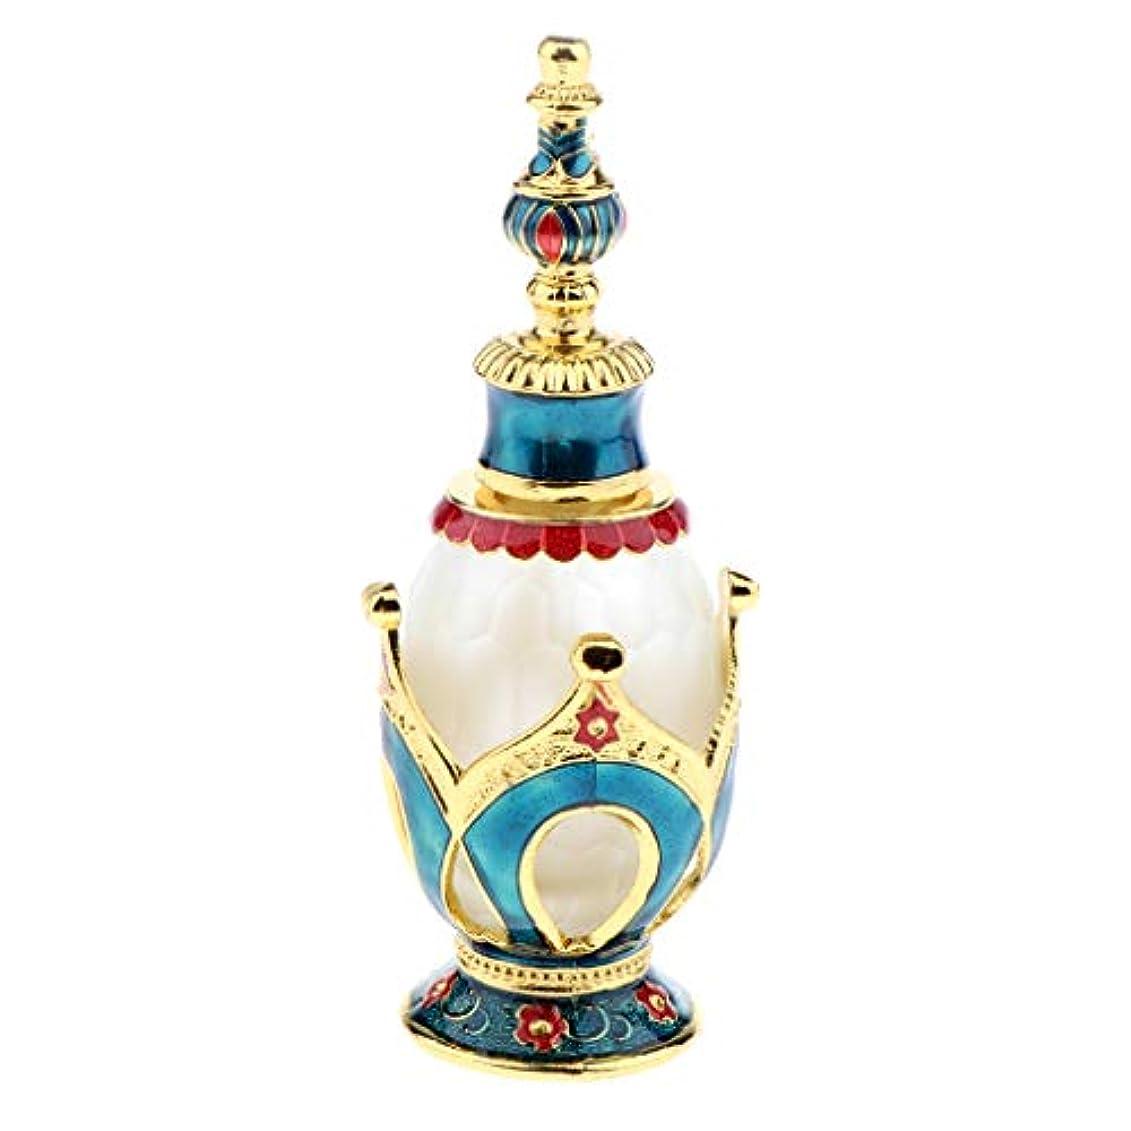 犯す征服する筋香水ボトル 香水瓶 ガラスボトル 華やか レトロ 旅行 小分け容器 3色選べ - ブルーゴールド